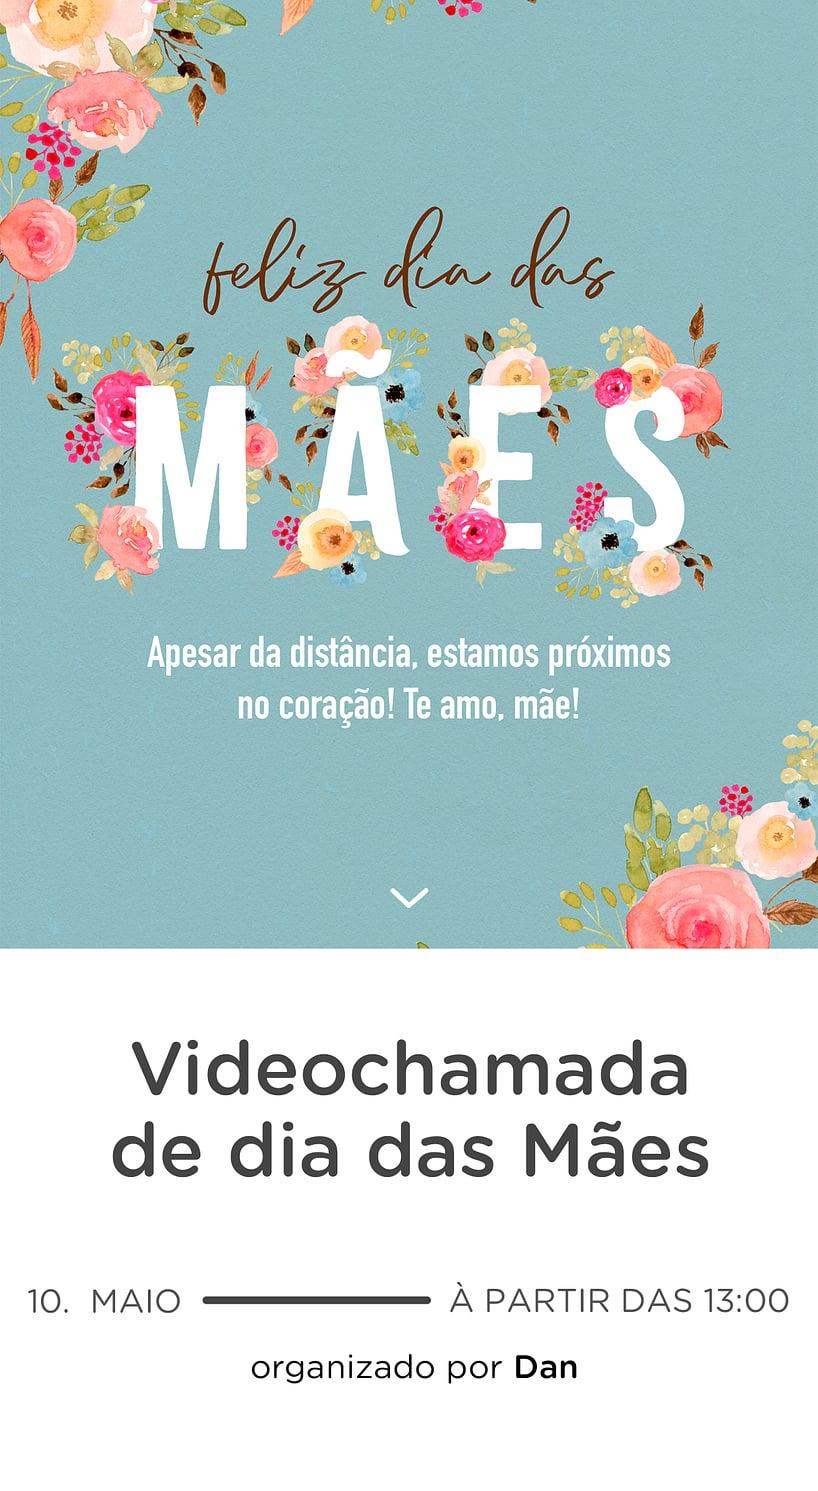 Modelo de convite - Dia das Maes Florido